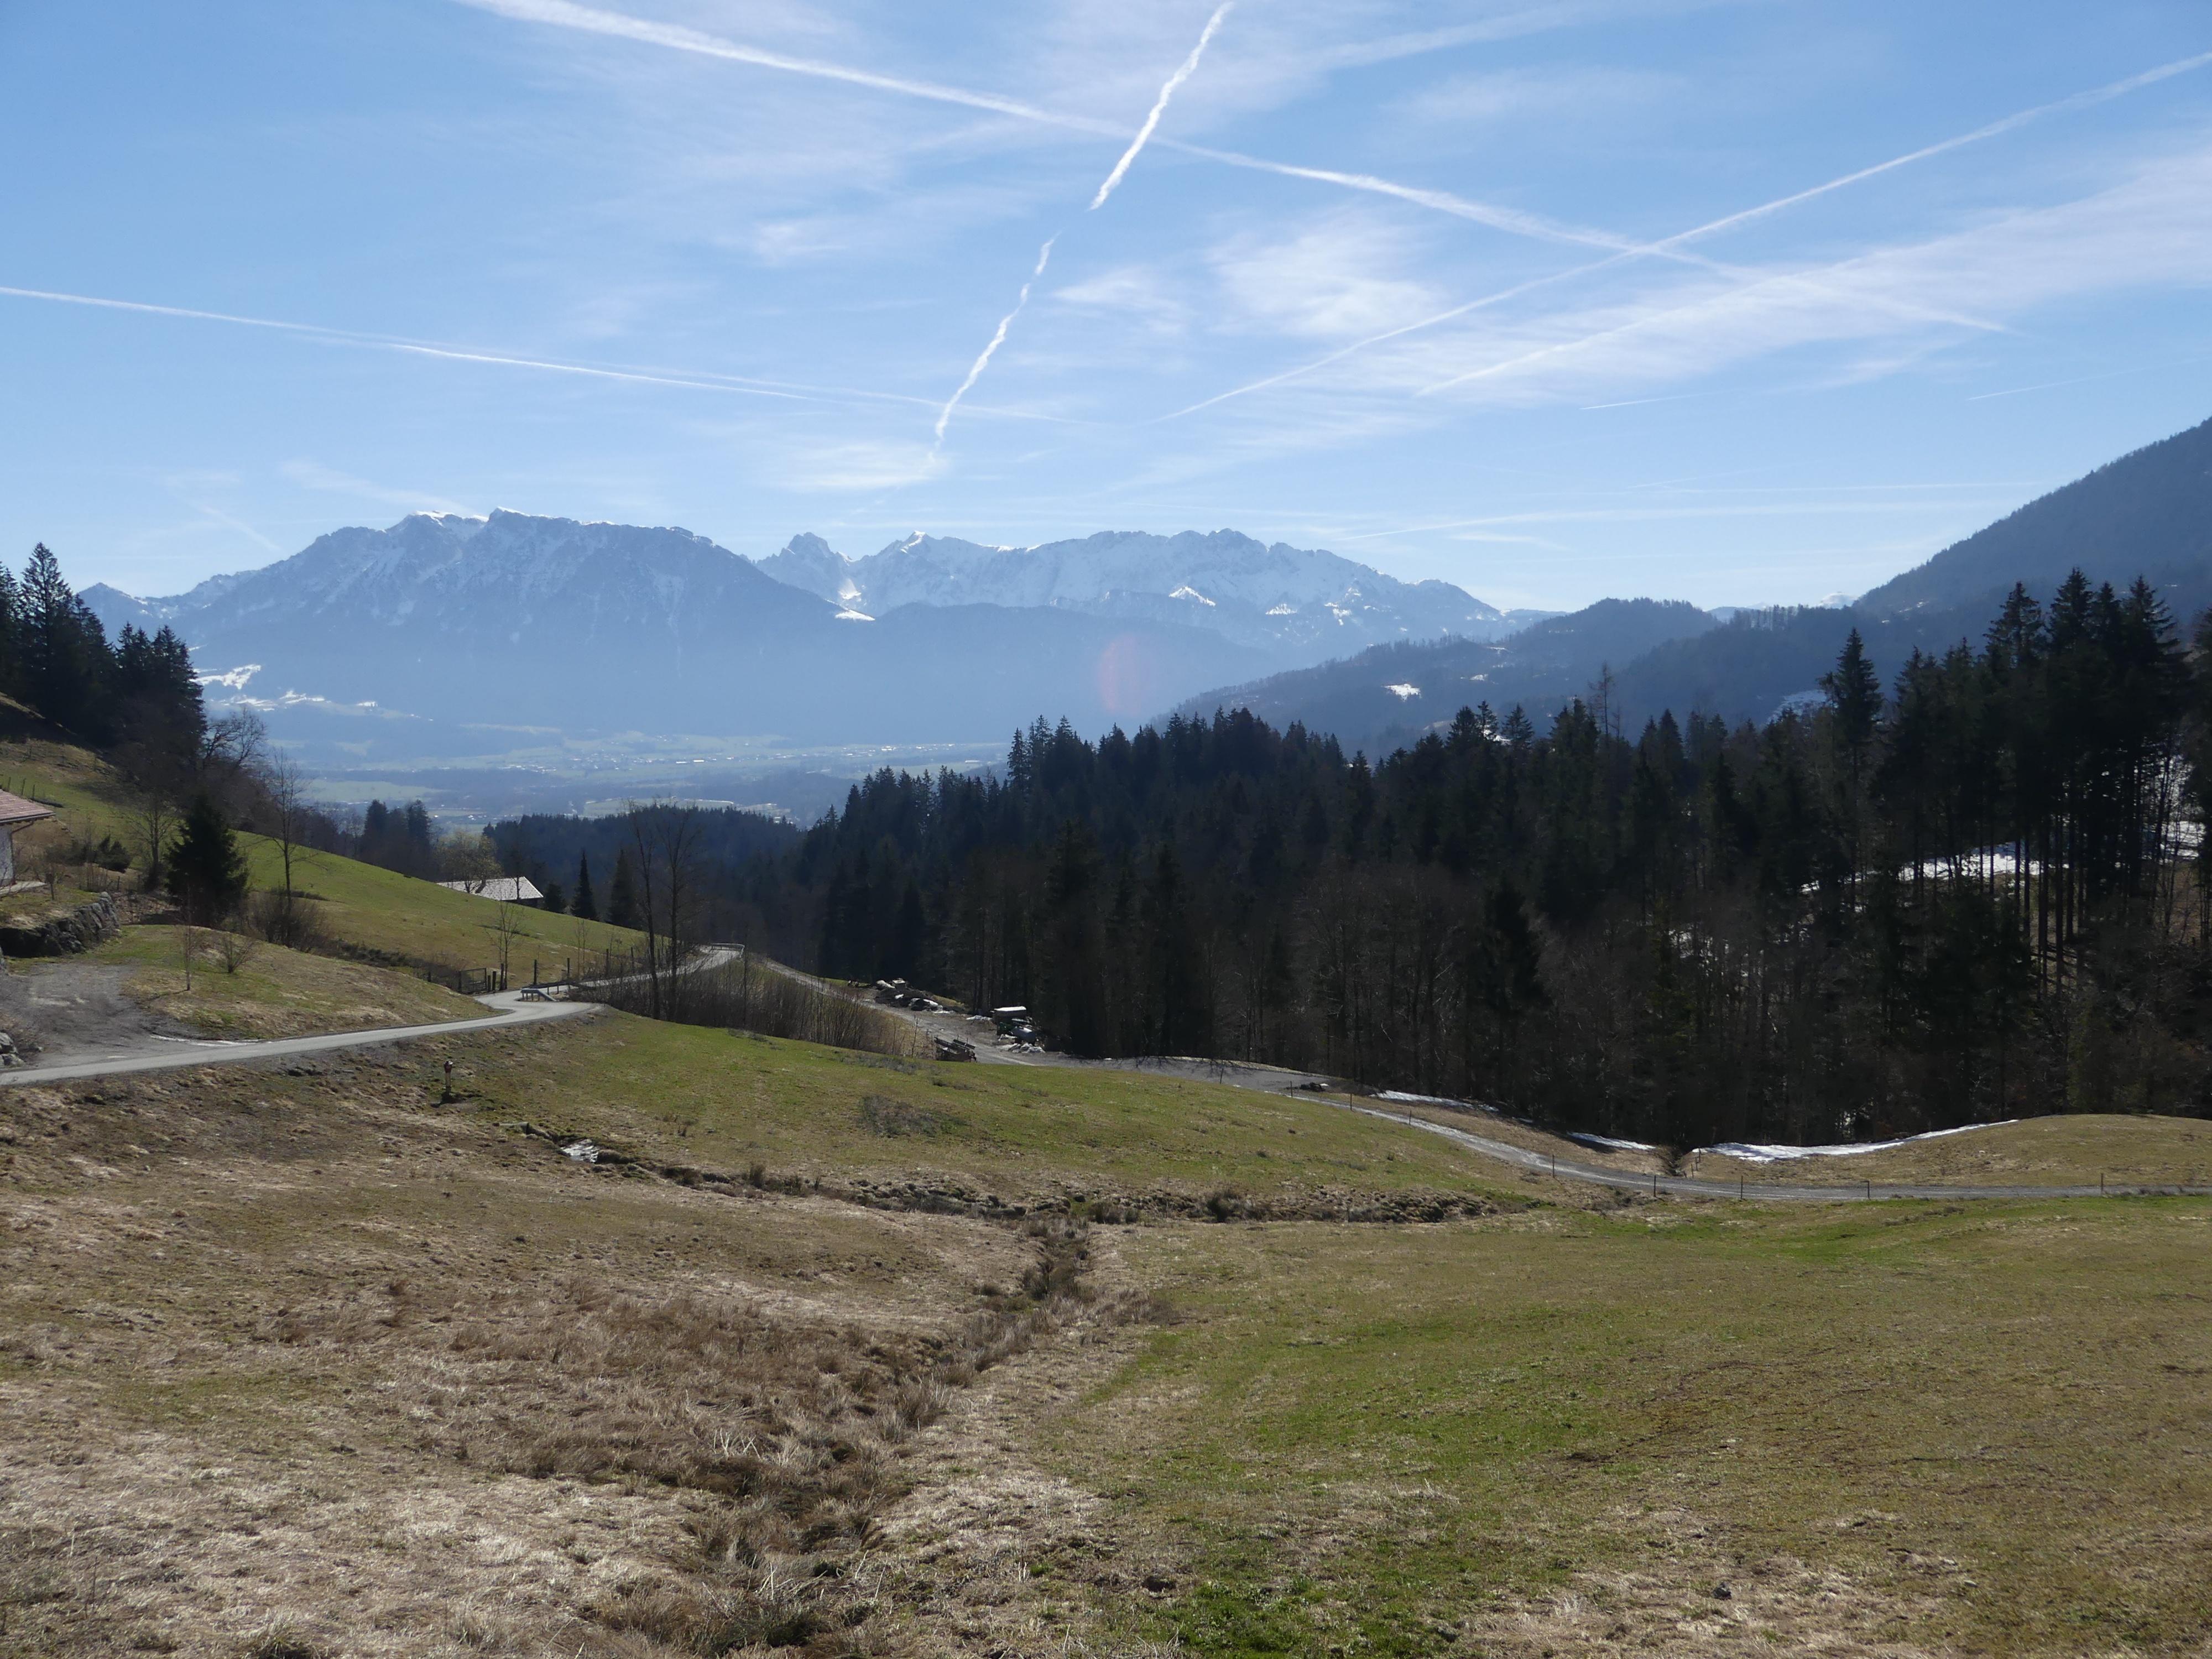 Aussicht auf das Kaisergebirge